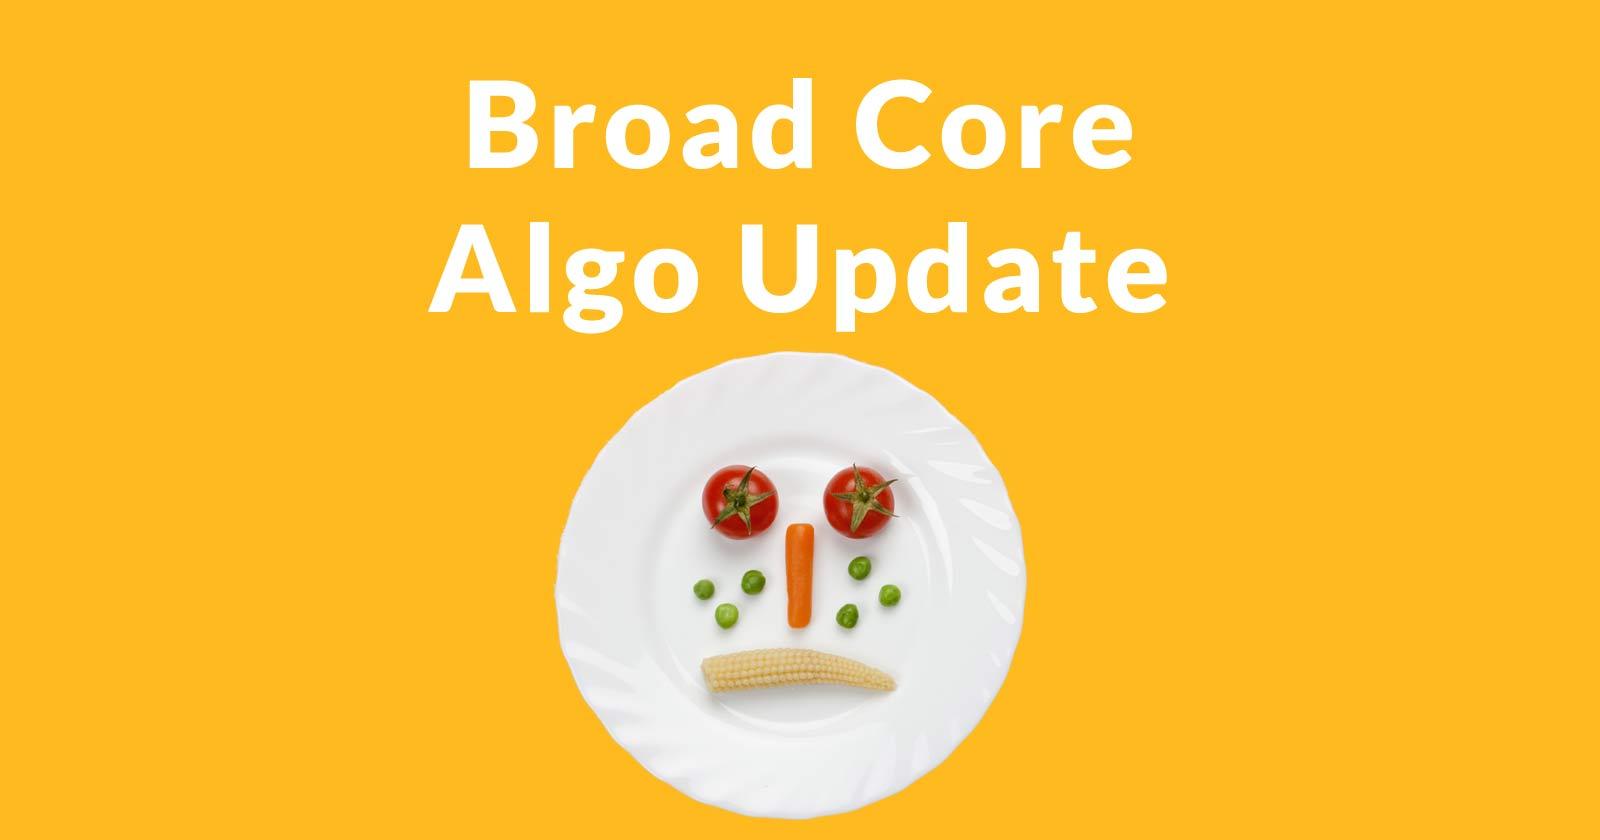 Mise à jour du Broad Core Algo de juin 2019: plus qu'un simple E-A-T